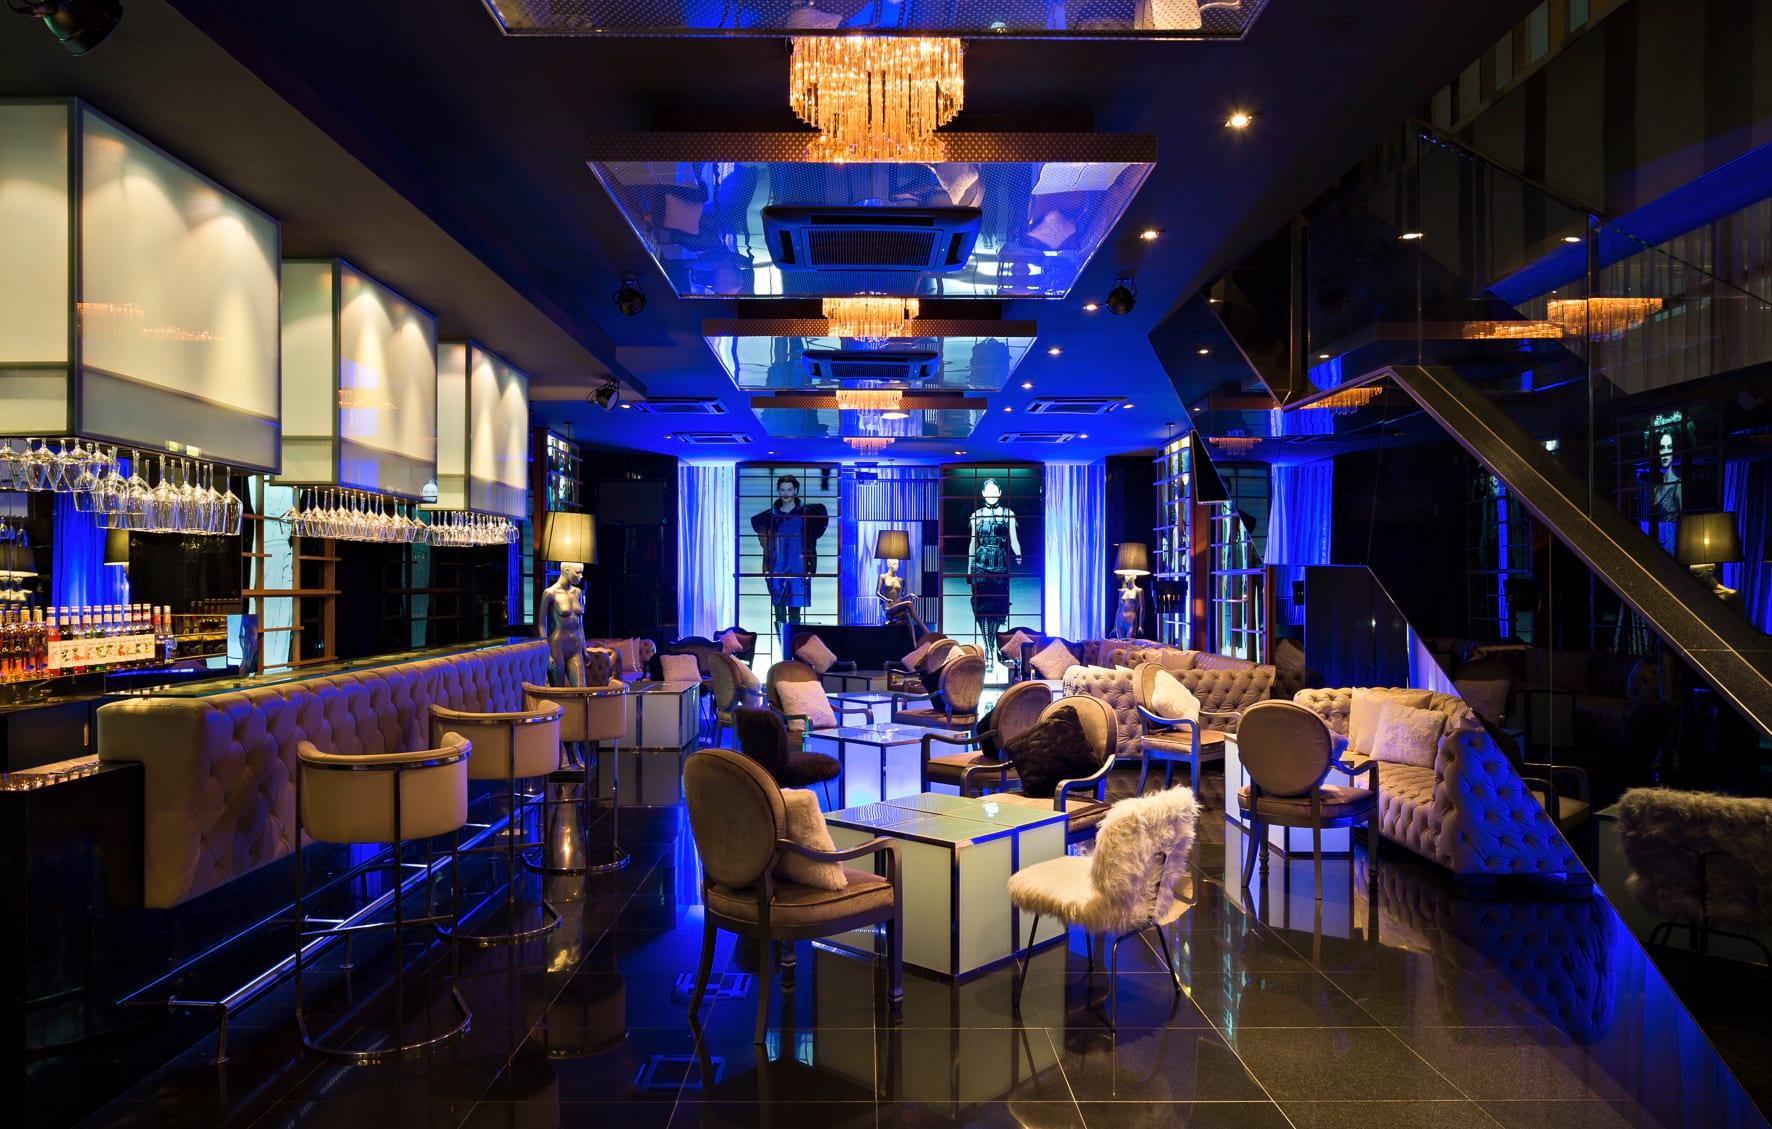 Catwalk caf at vie hotel studiogronda for Ideal hotel design 75014